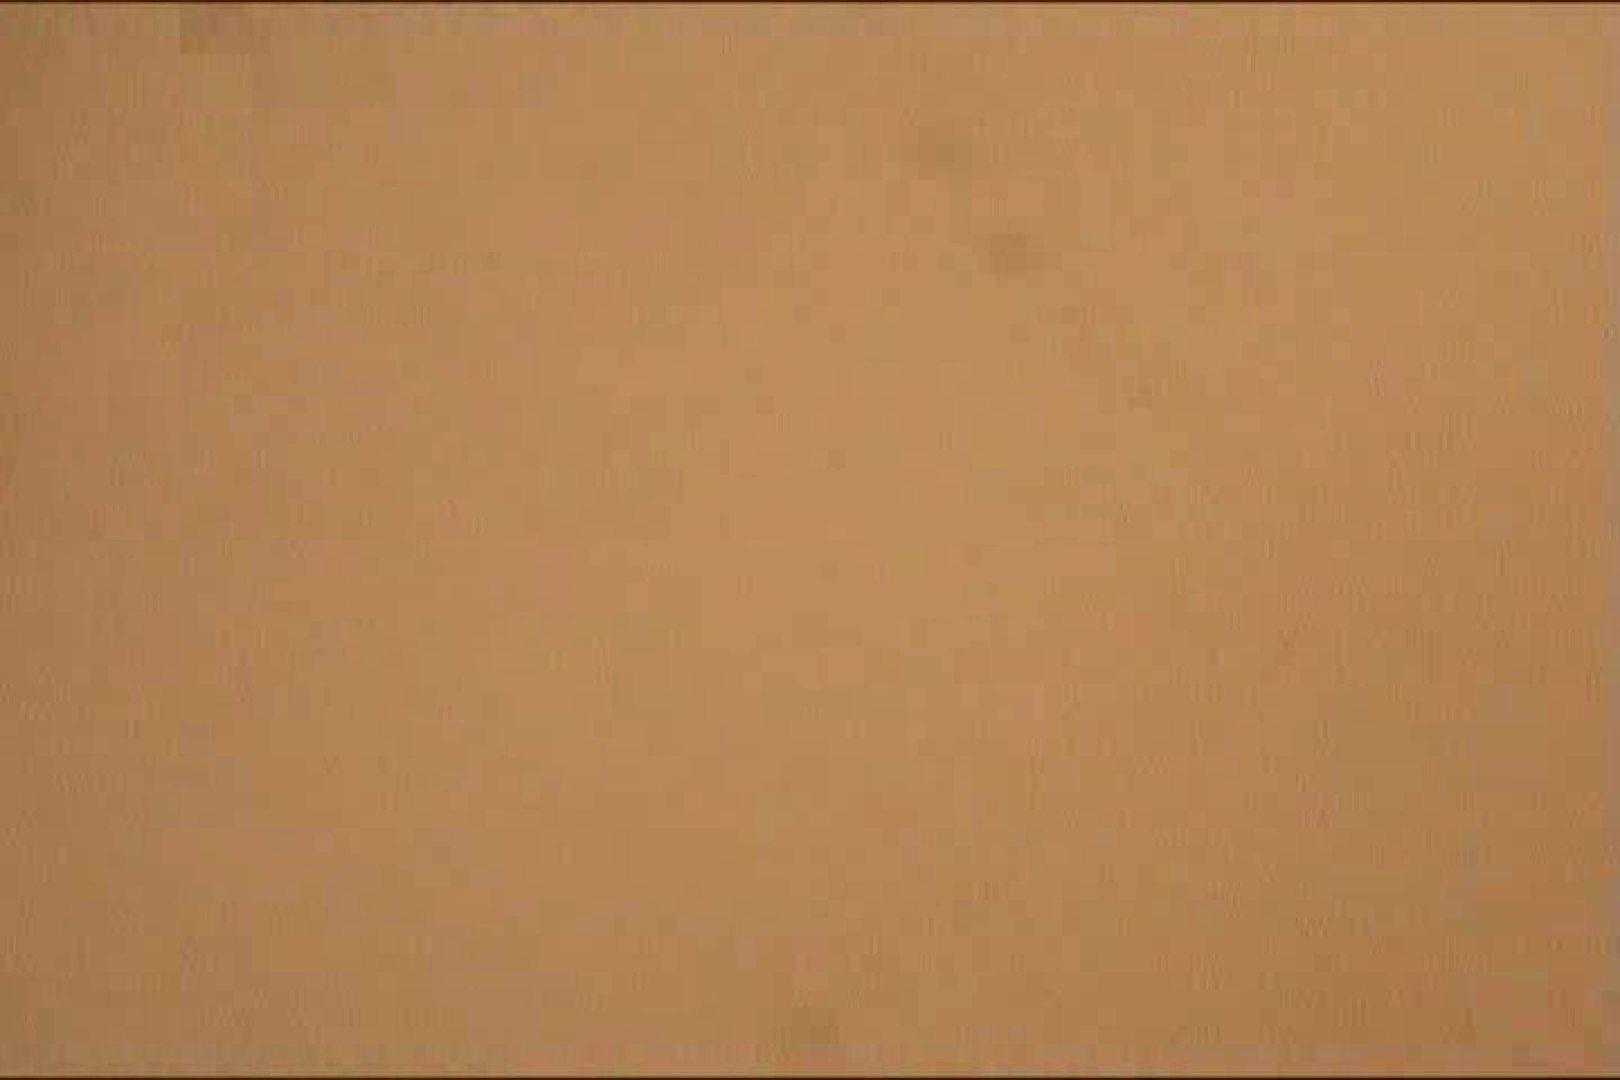 マンコ丸見え女子洗面所Vol.6 排泄隠し撮り おめこ無修正画像 98pic 5